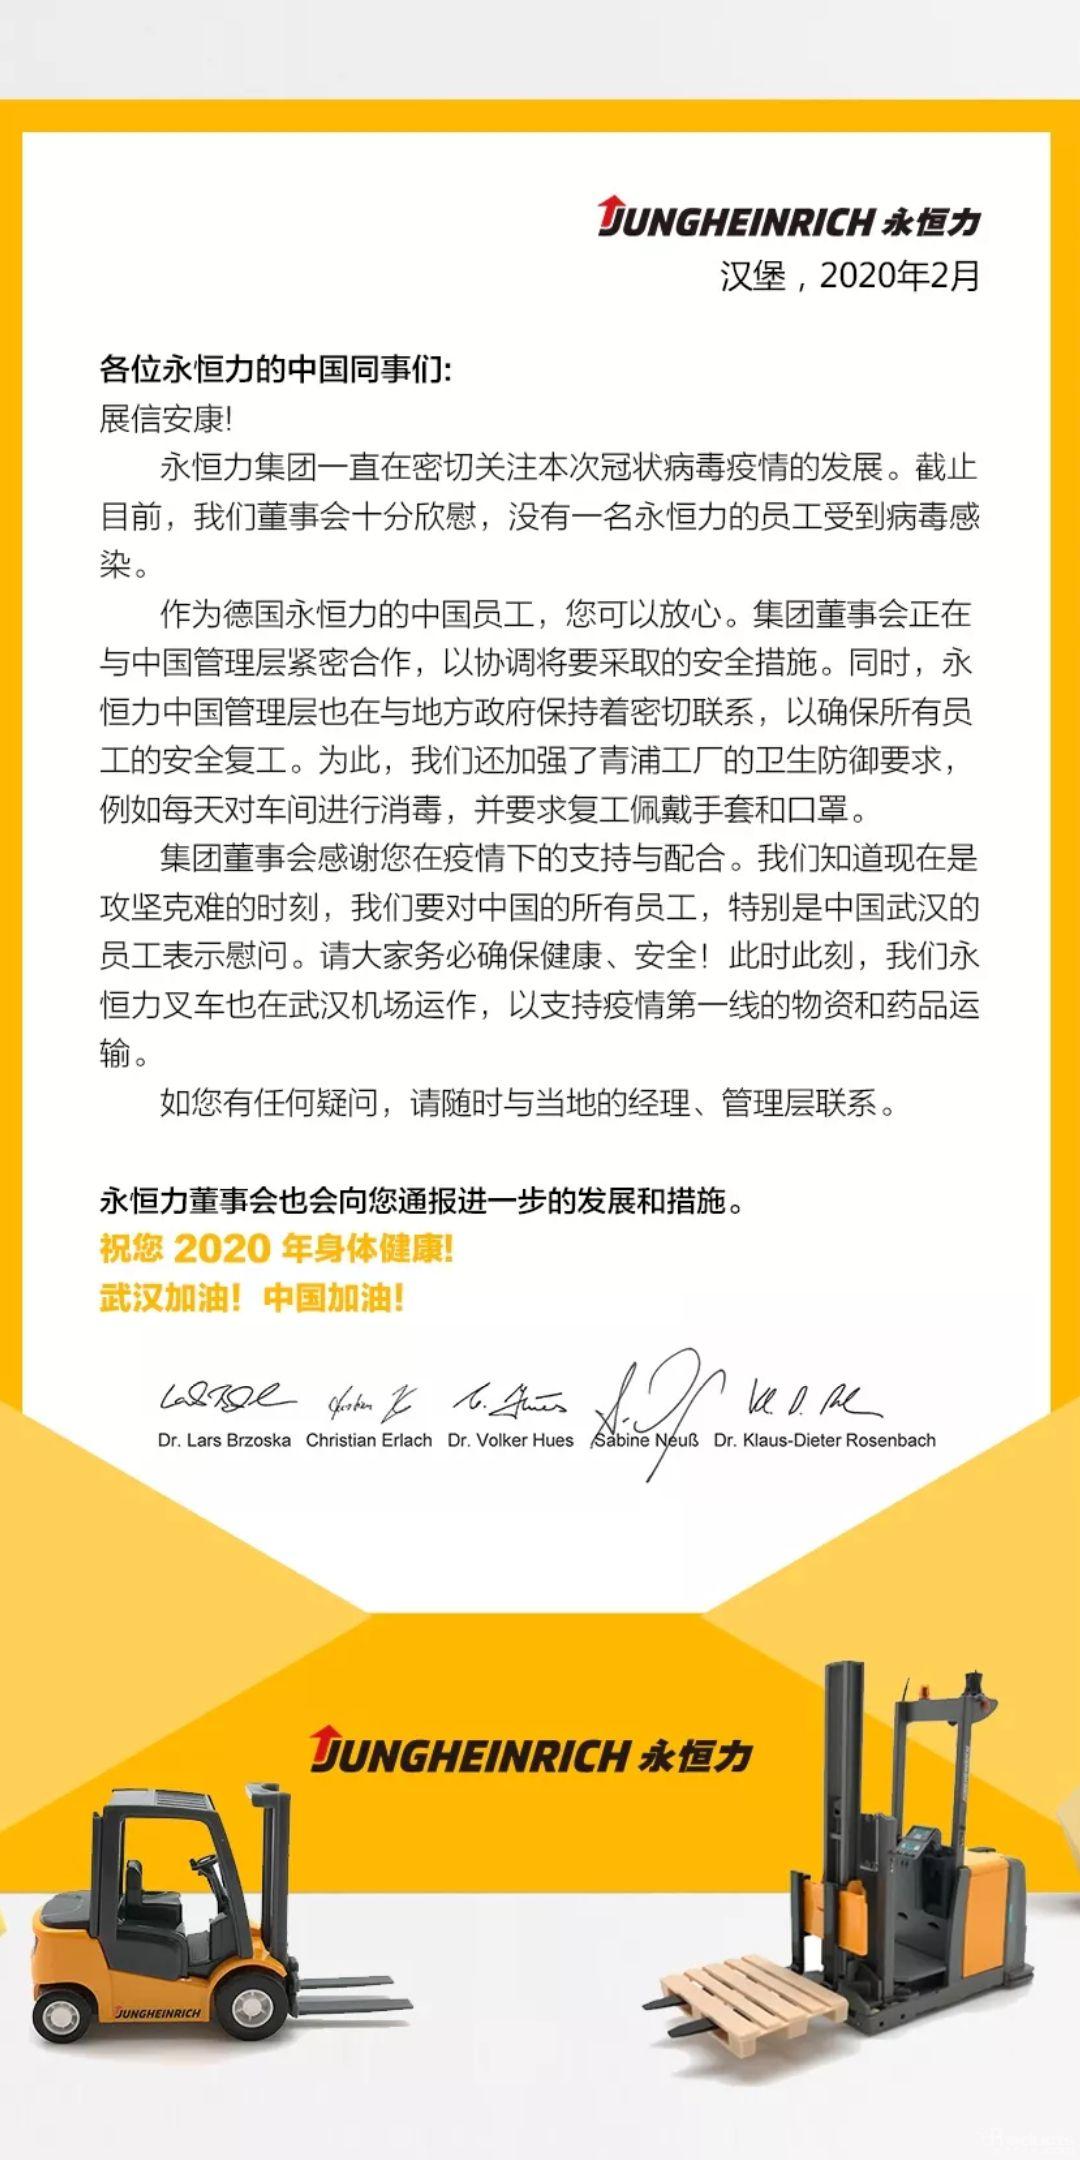 永恒力@全体员工,来自德国董事们的慰问信,请查收!